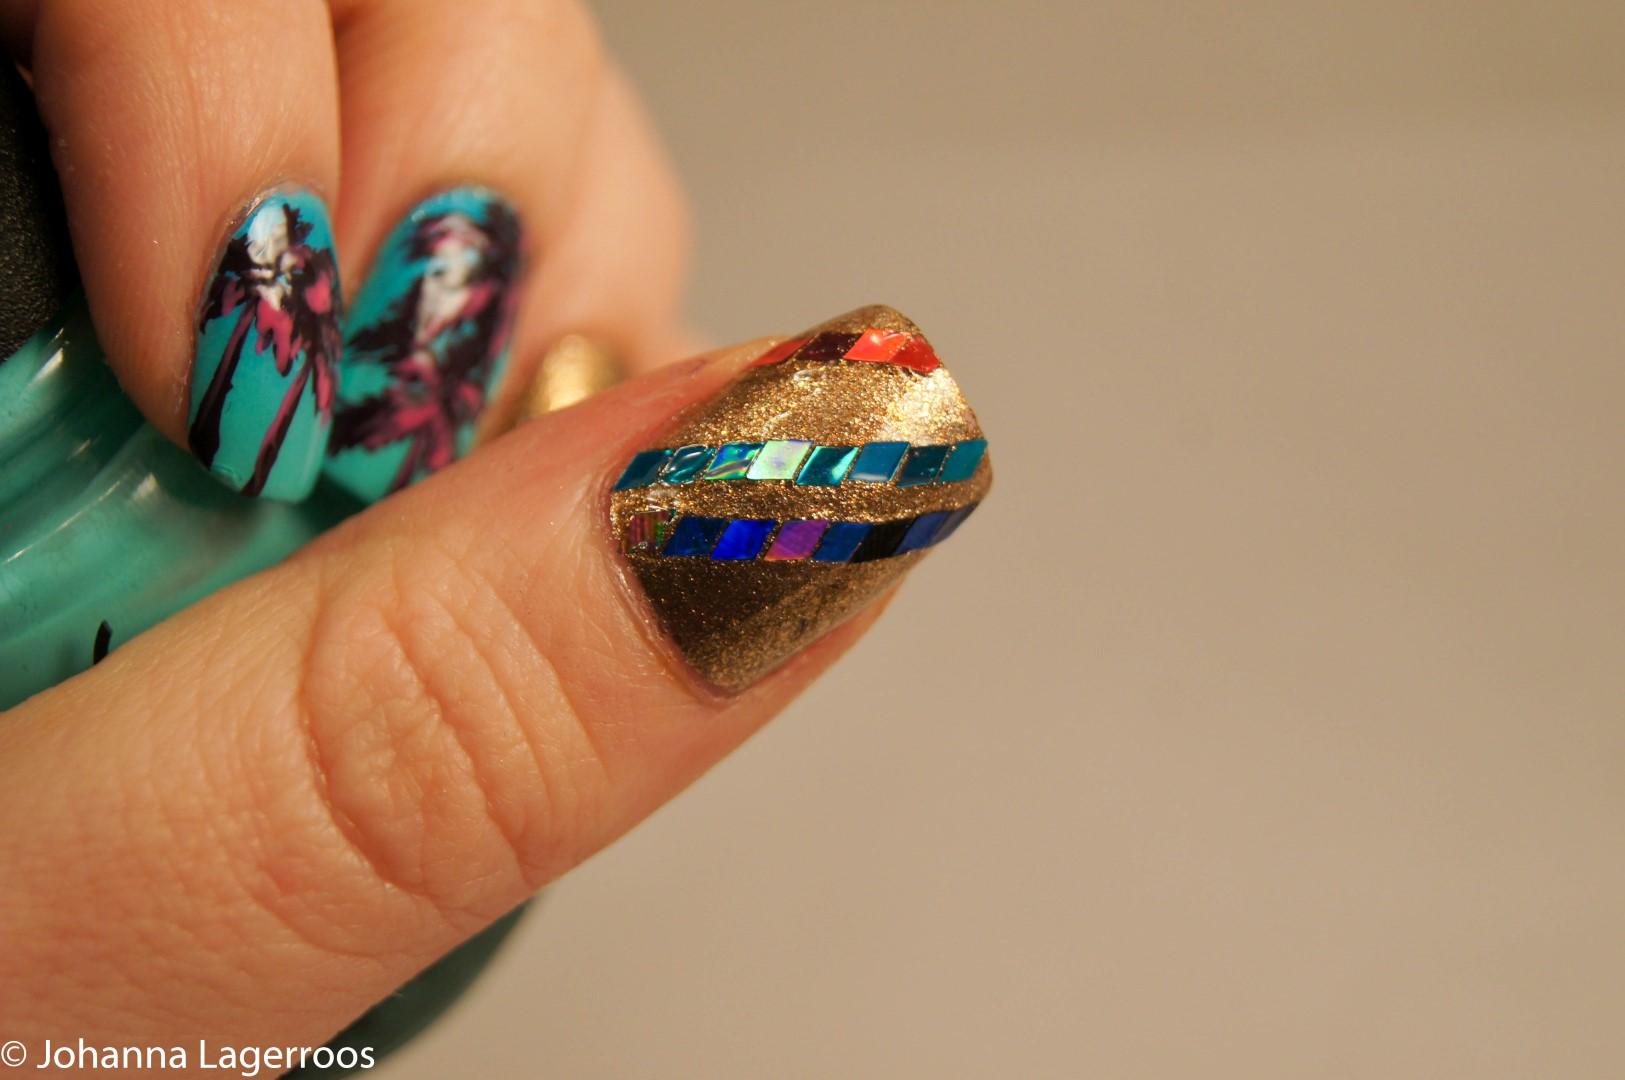 ellie goulding nails